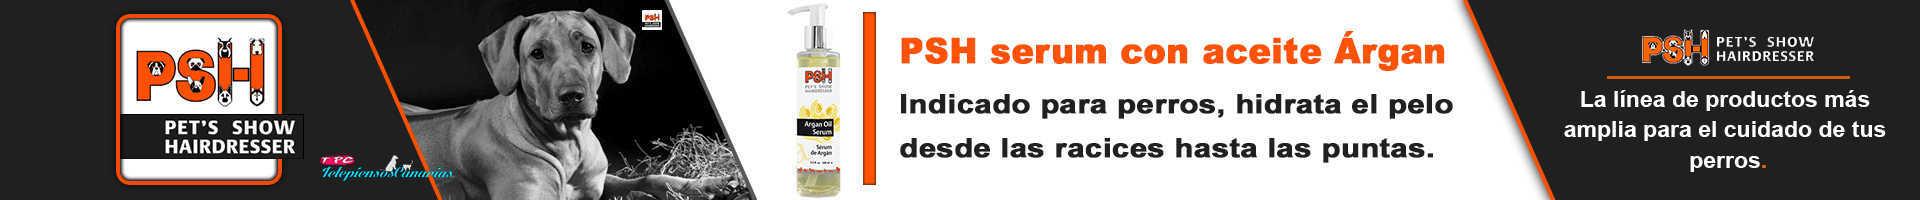 PSH serum para perros con aceite de argán, hidrata el pelo